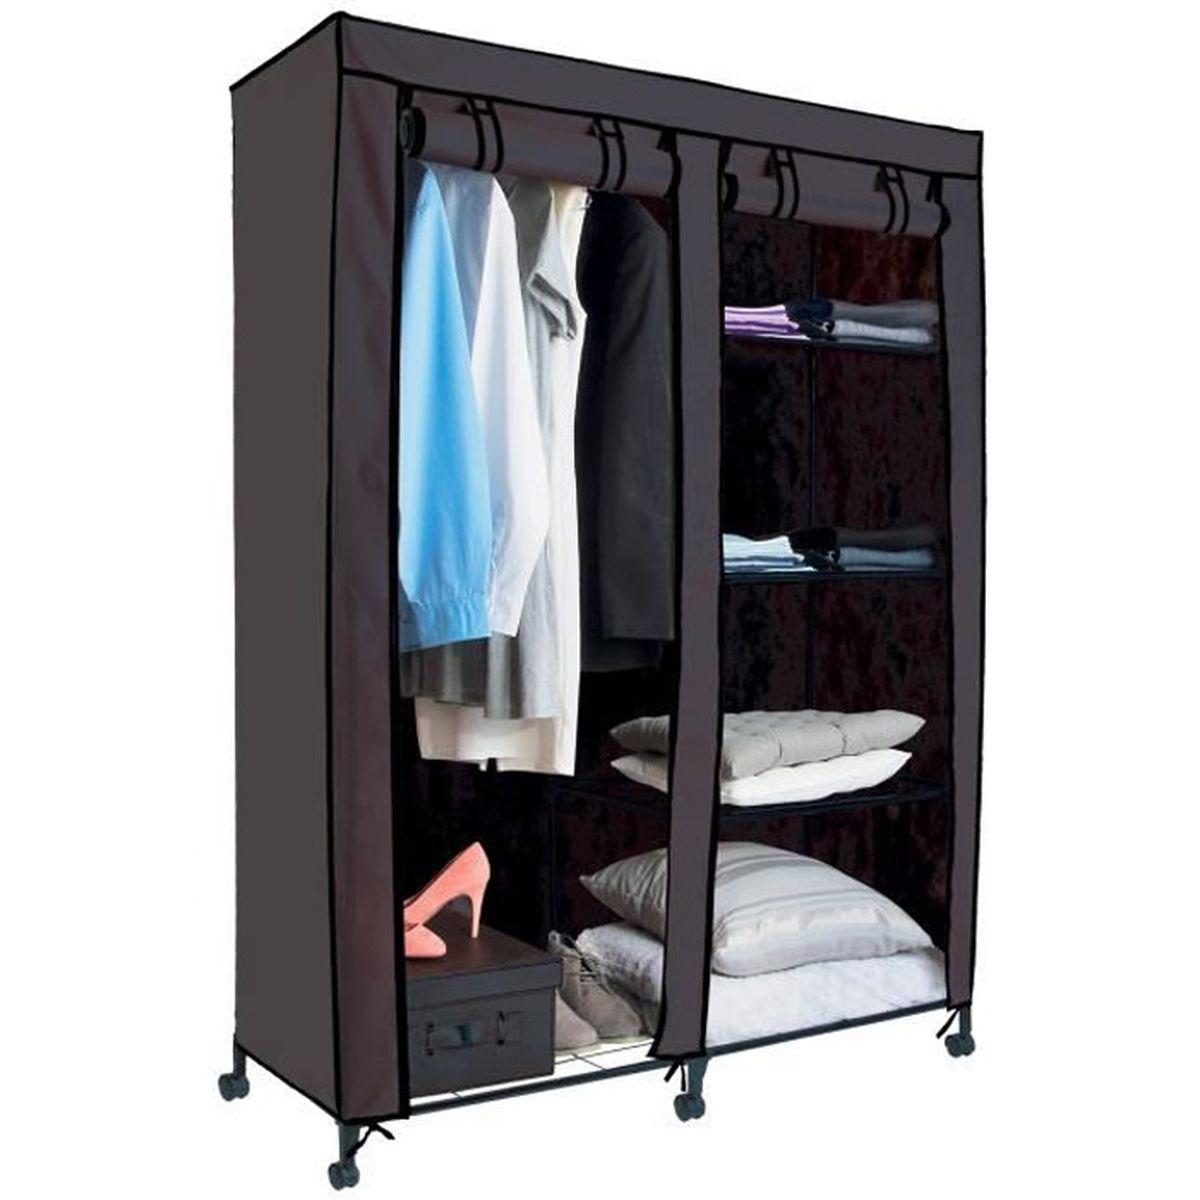 Armoire De Chambre Avec Penderie armoire de rangement avec penderie grise - achat / vente